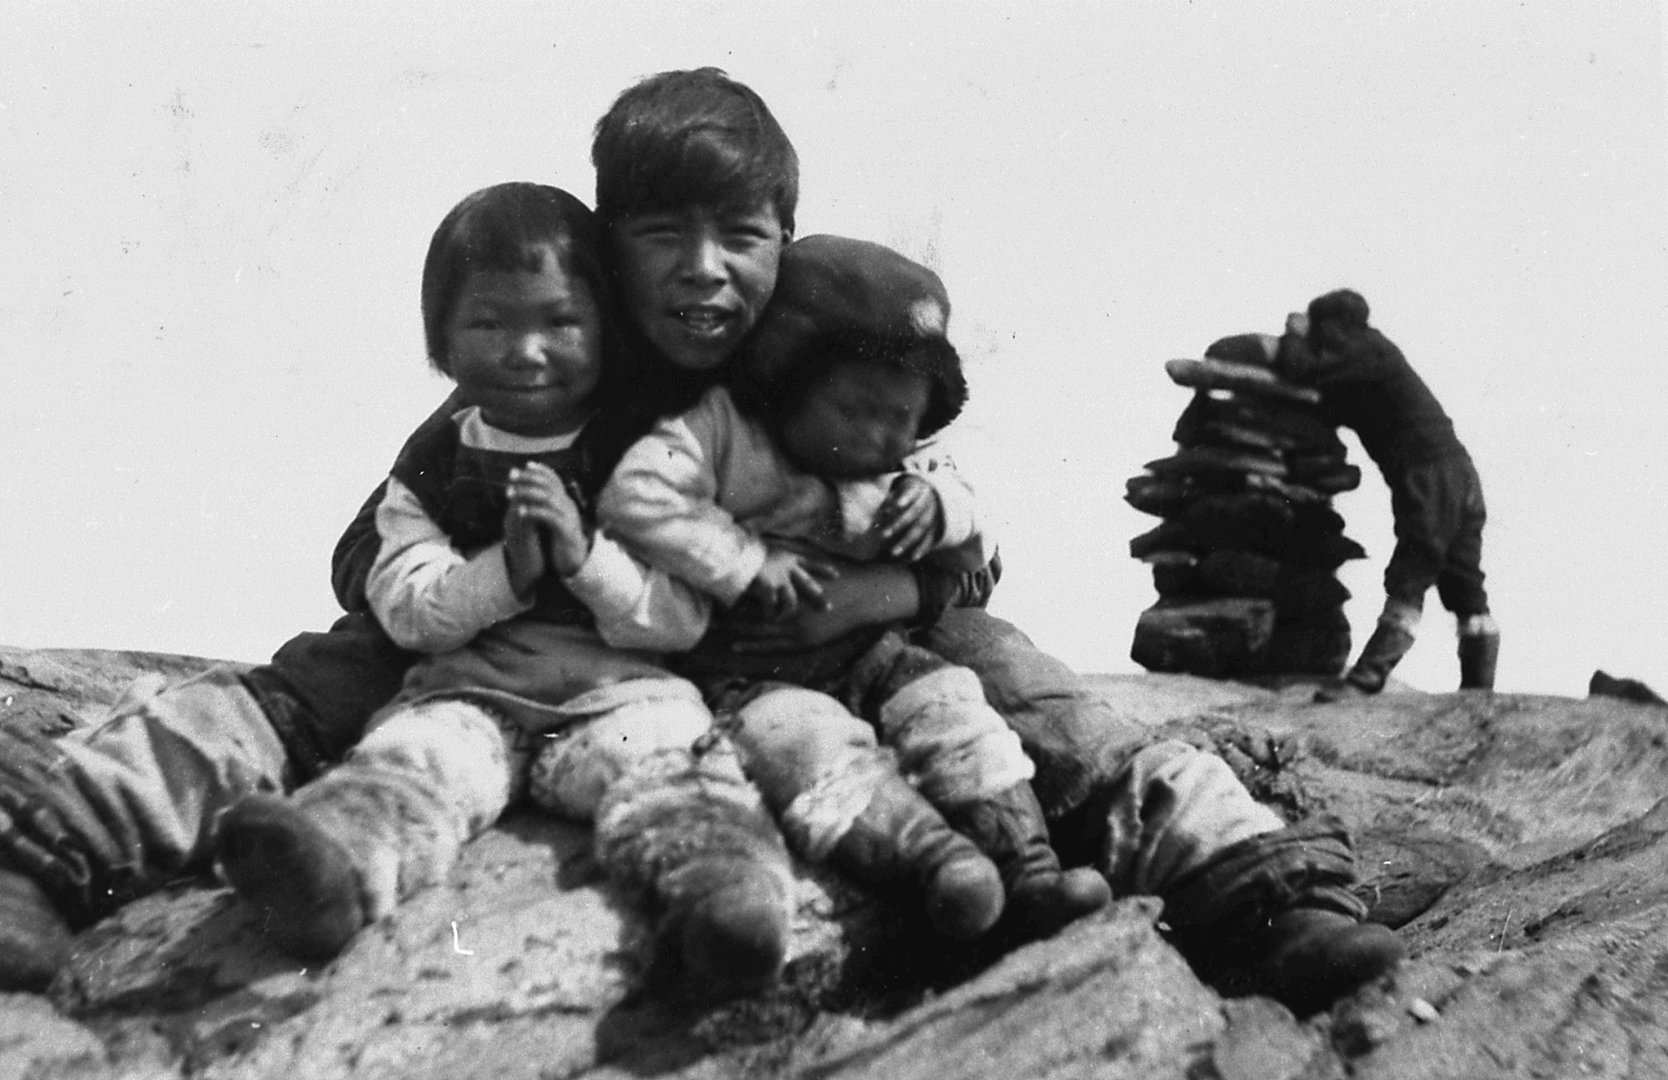 Photographie d'enfants assis côte à côte sur un rocher. Derrière, un homme debout est appuyé sur un inukshuk.